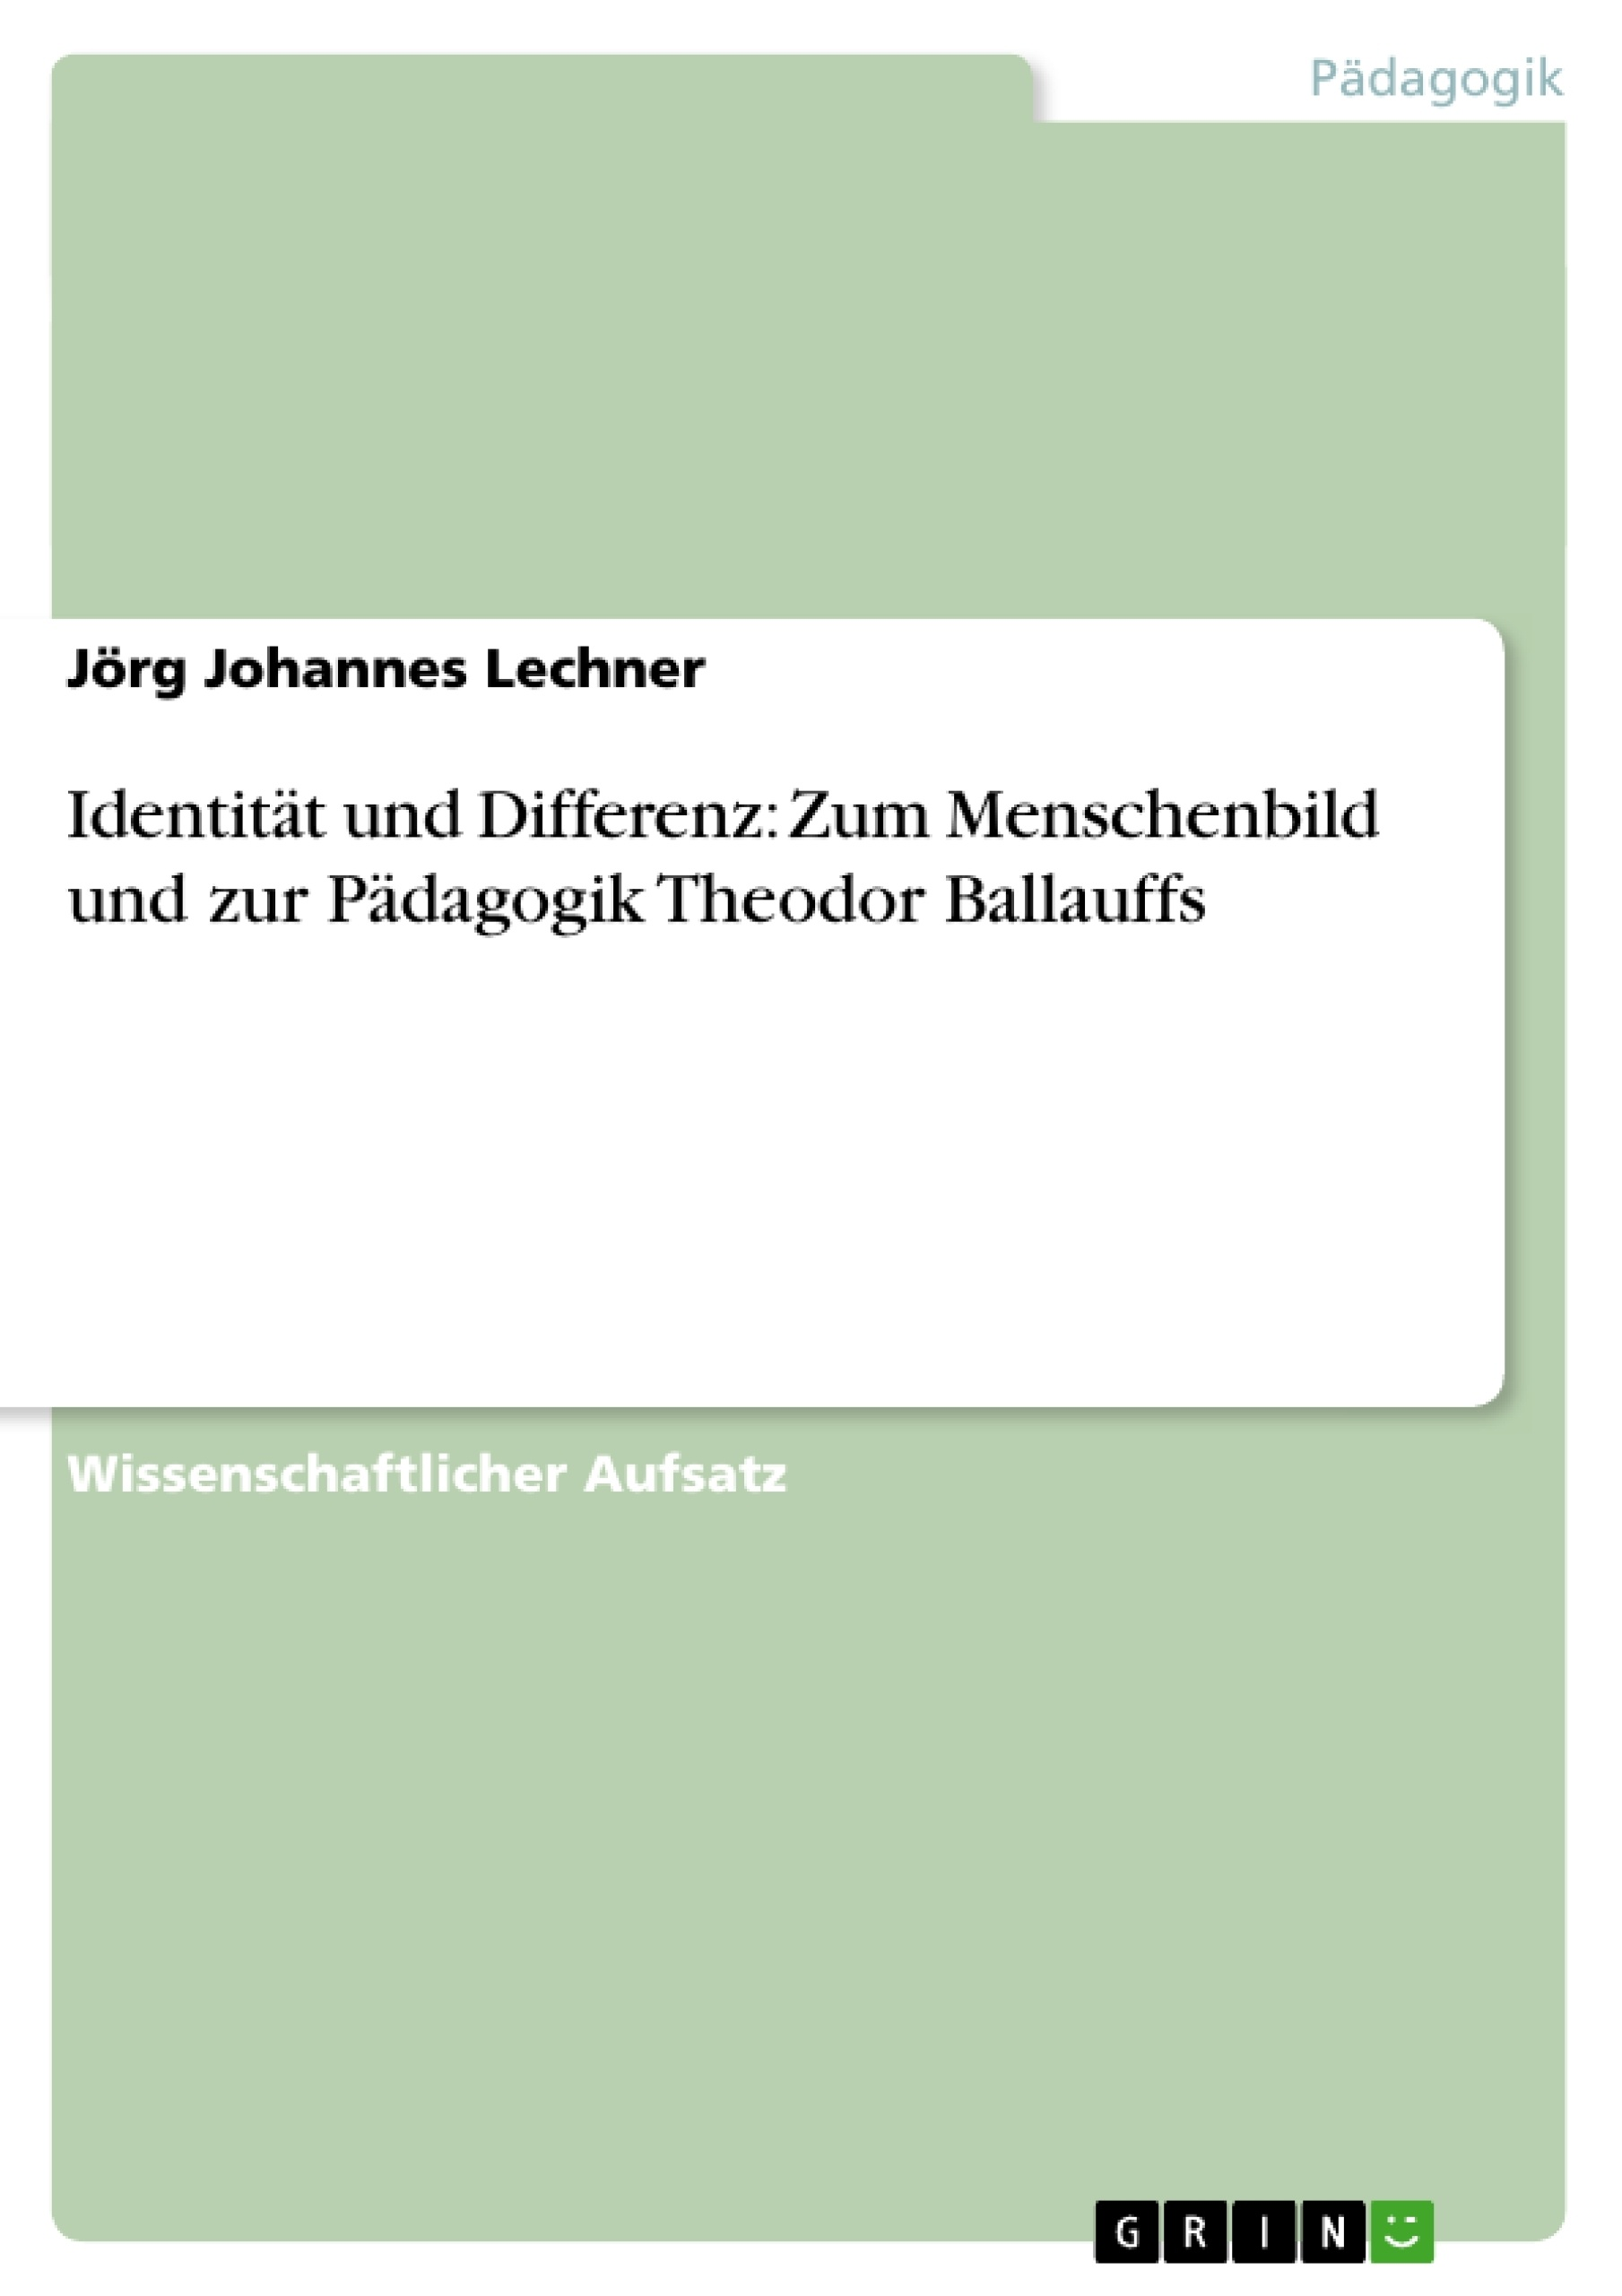 Titel: Identität und Differenz: Zum Menschenbild und zur Pädagogik Theodor Ballauffs